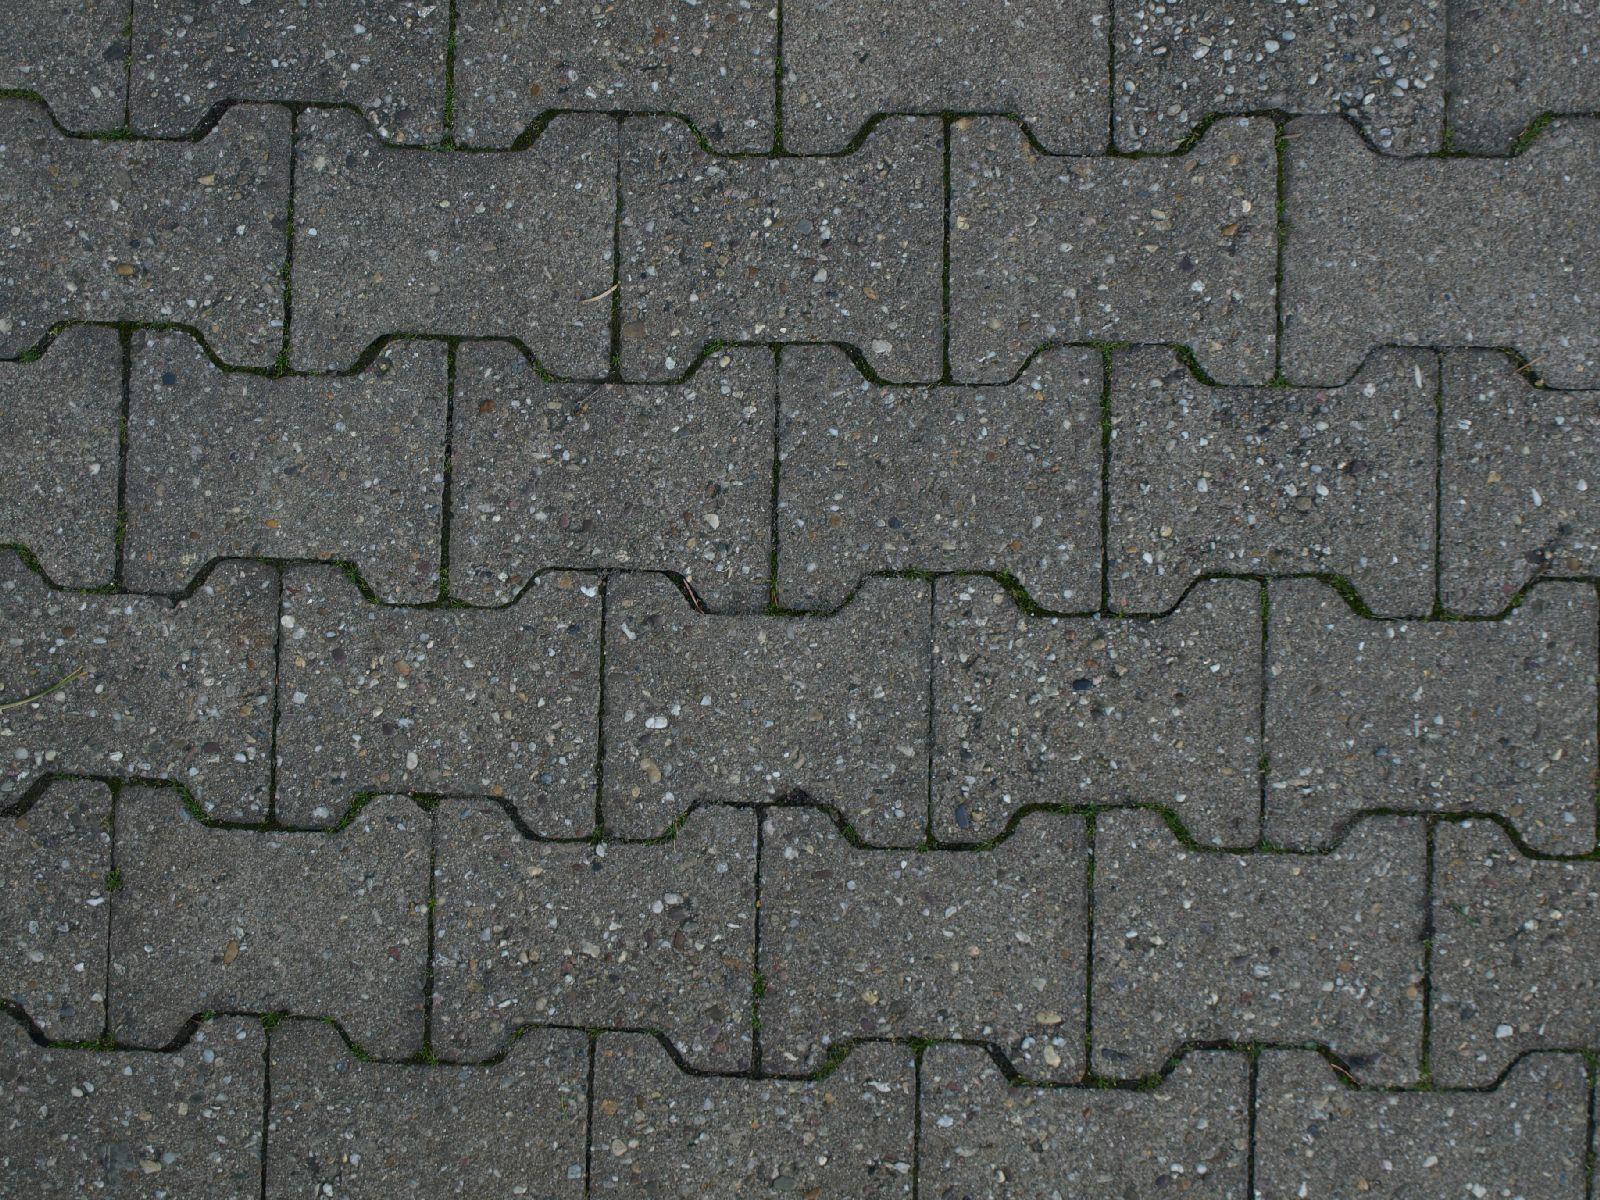 Boden-Gehweg-Strasse-Buergersteig-Textur_A_P6233719